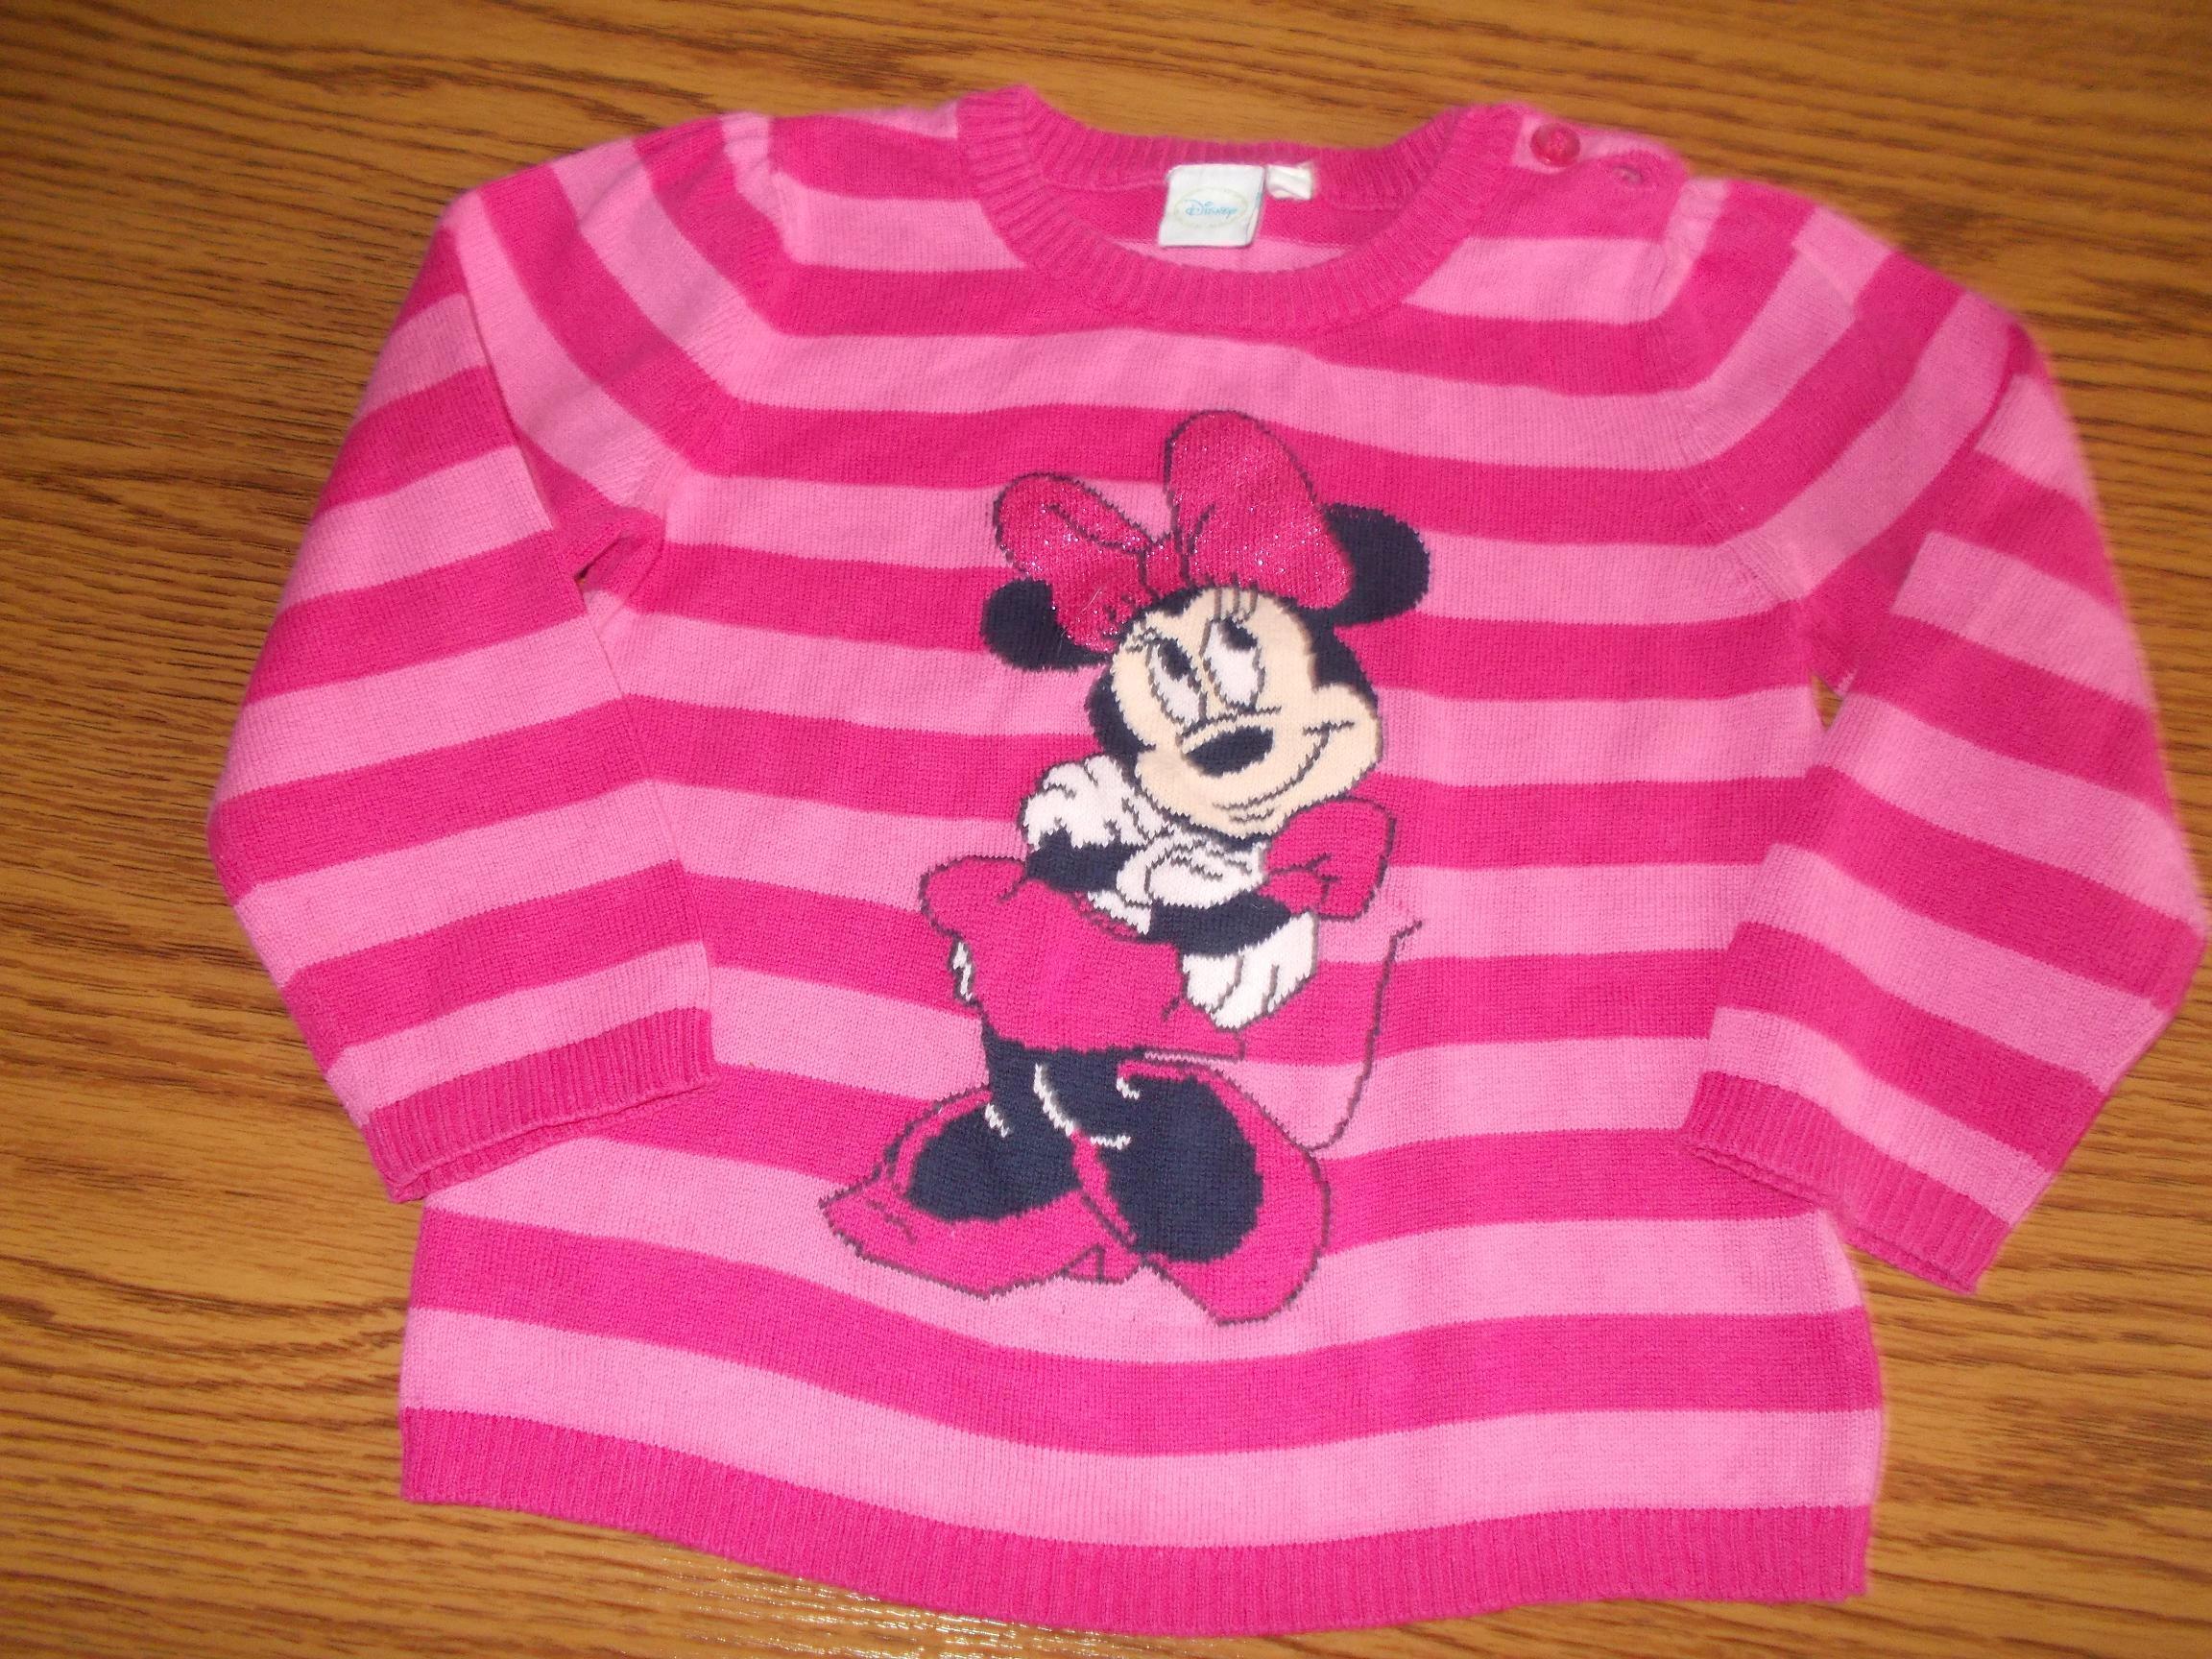 Disney sweterek z Myszka Minnie 86cm